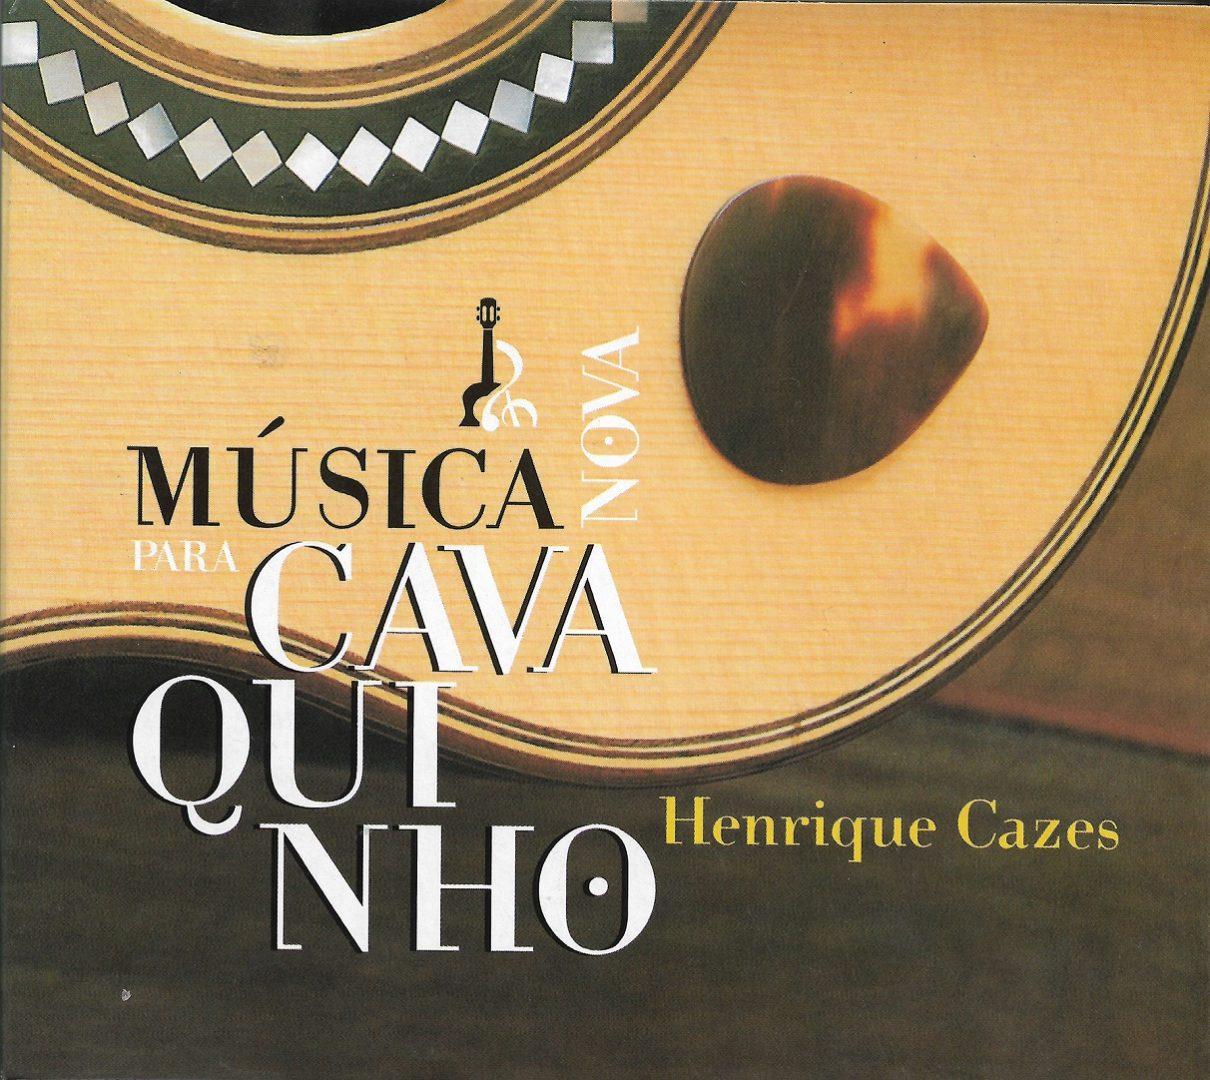 Capa CD Henrique Cazes Um trabalho exemplar